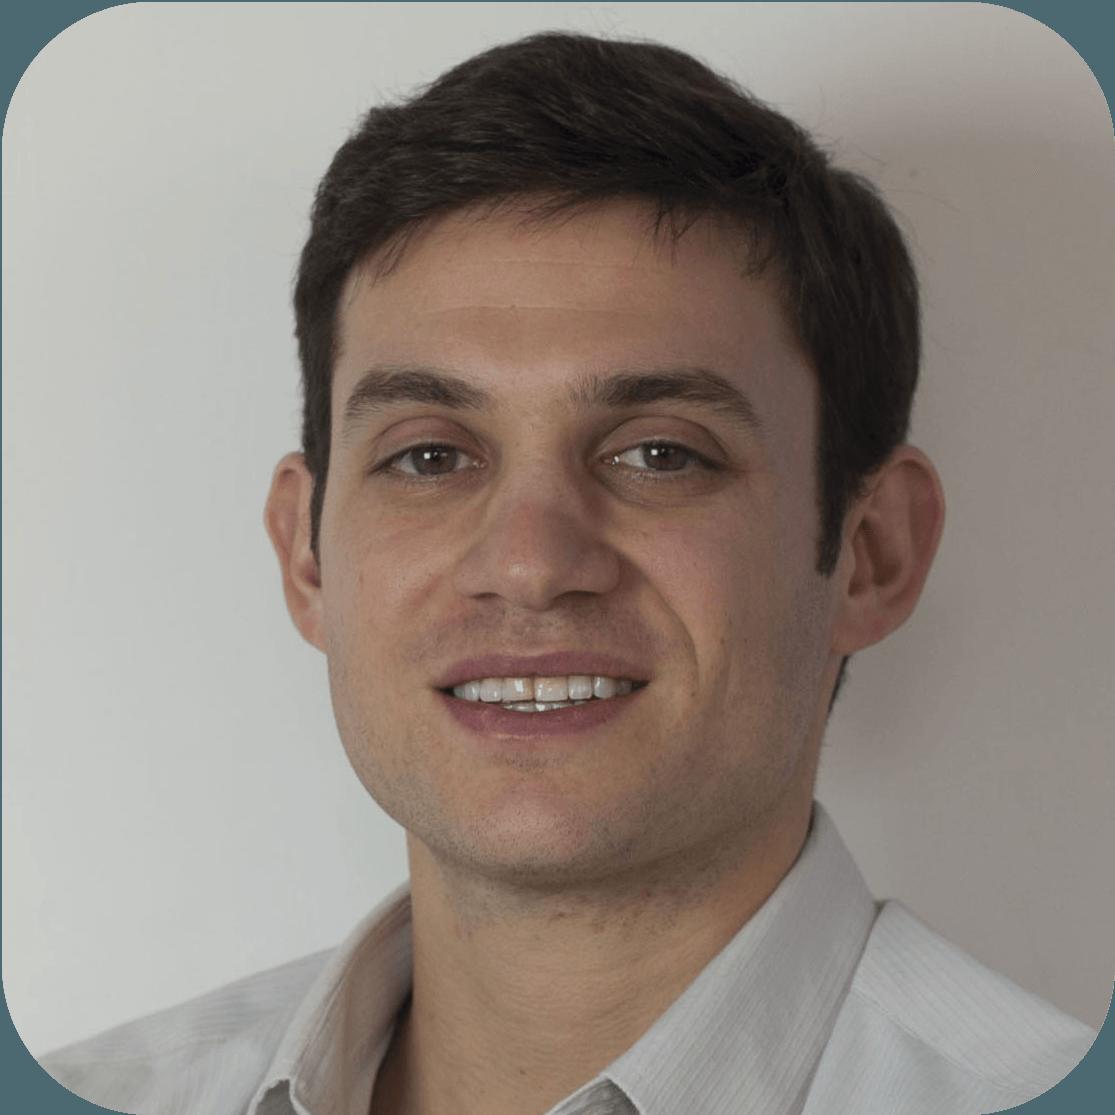 Ben Dolgin-Gardner FOUNDER & MFG SOLUTIONS EXPERT